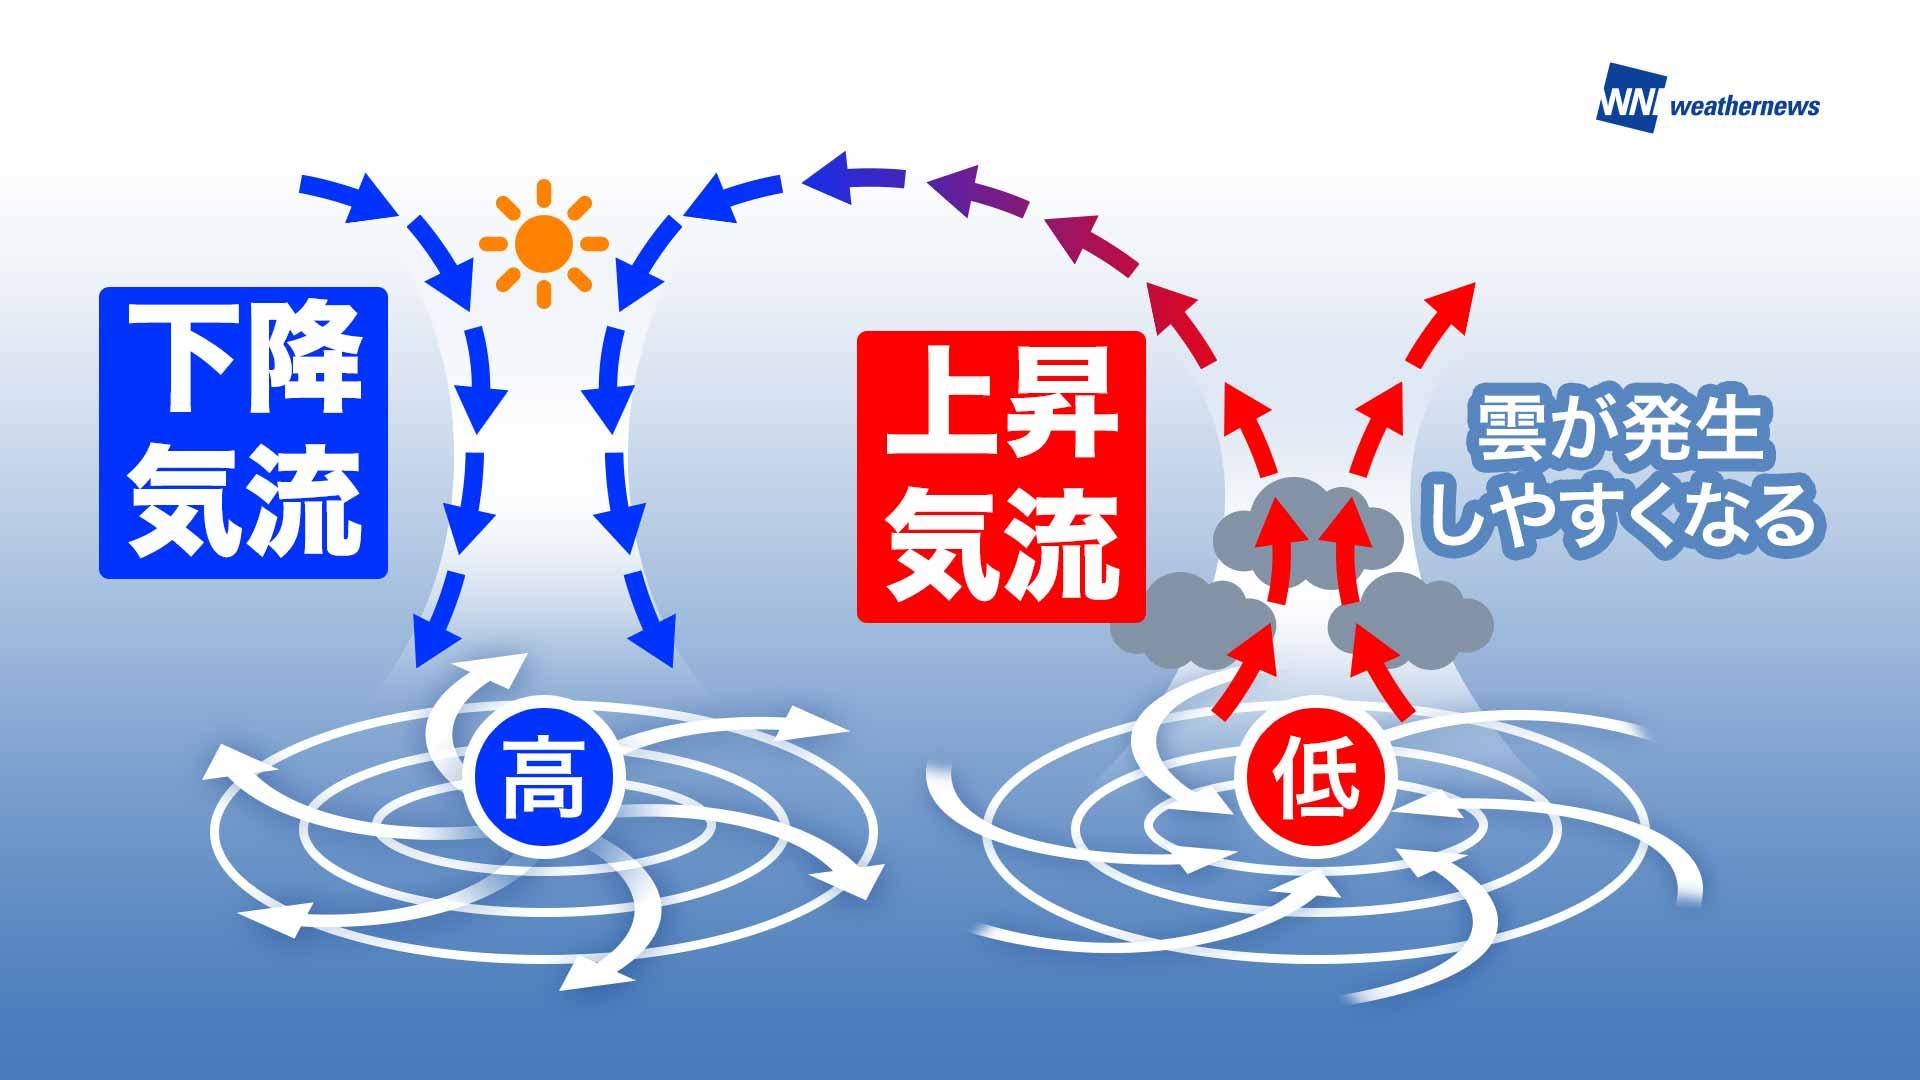 上昇気流と下降気流の解説図